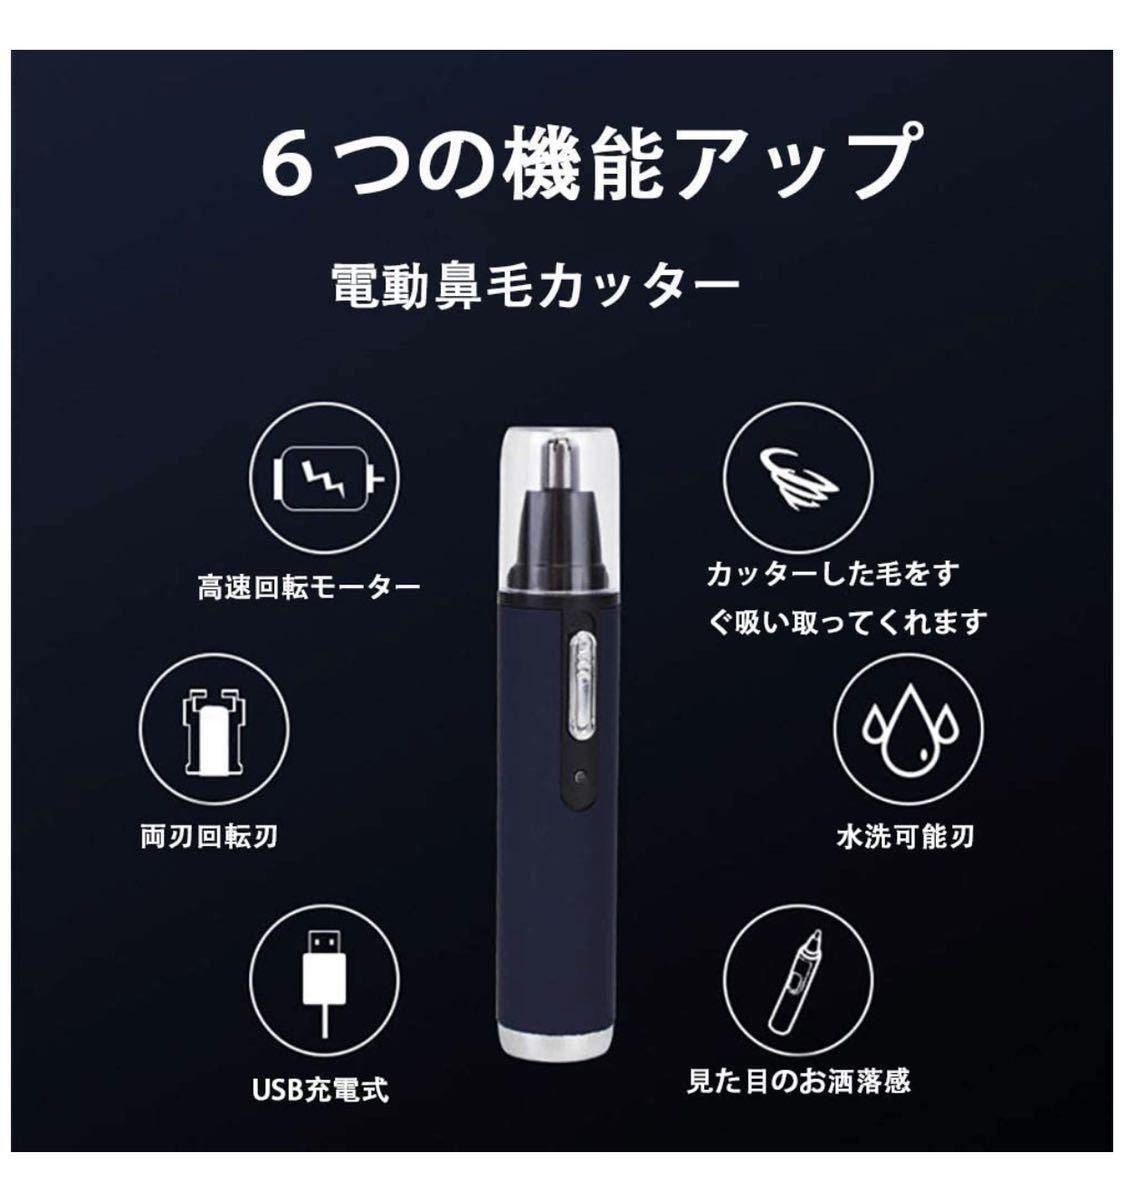 鼻毛カッター USB充電式 耳毛 眉毛 髭剃り 鼻毛切り 防水低騒音 男女兼用 ブルー